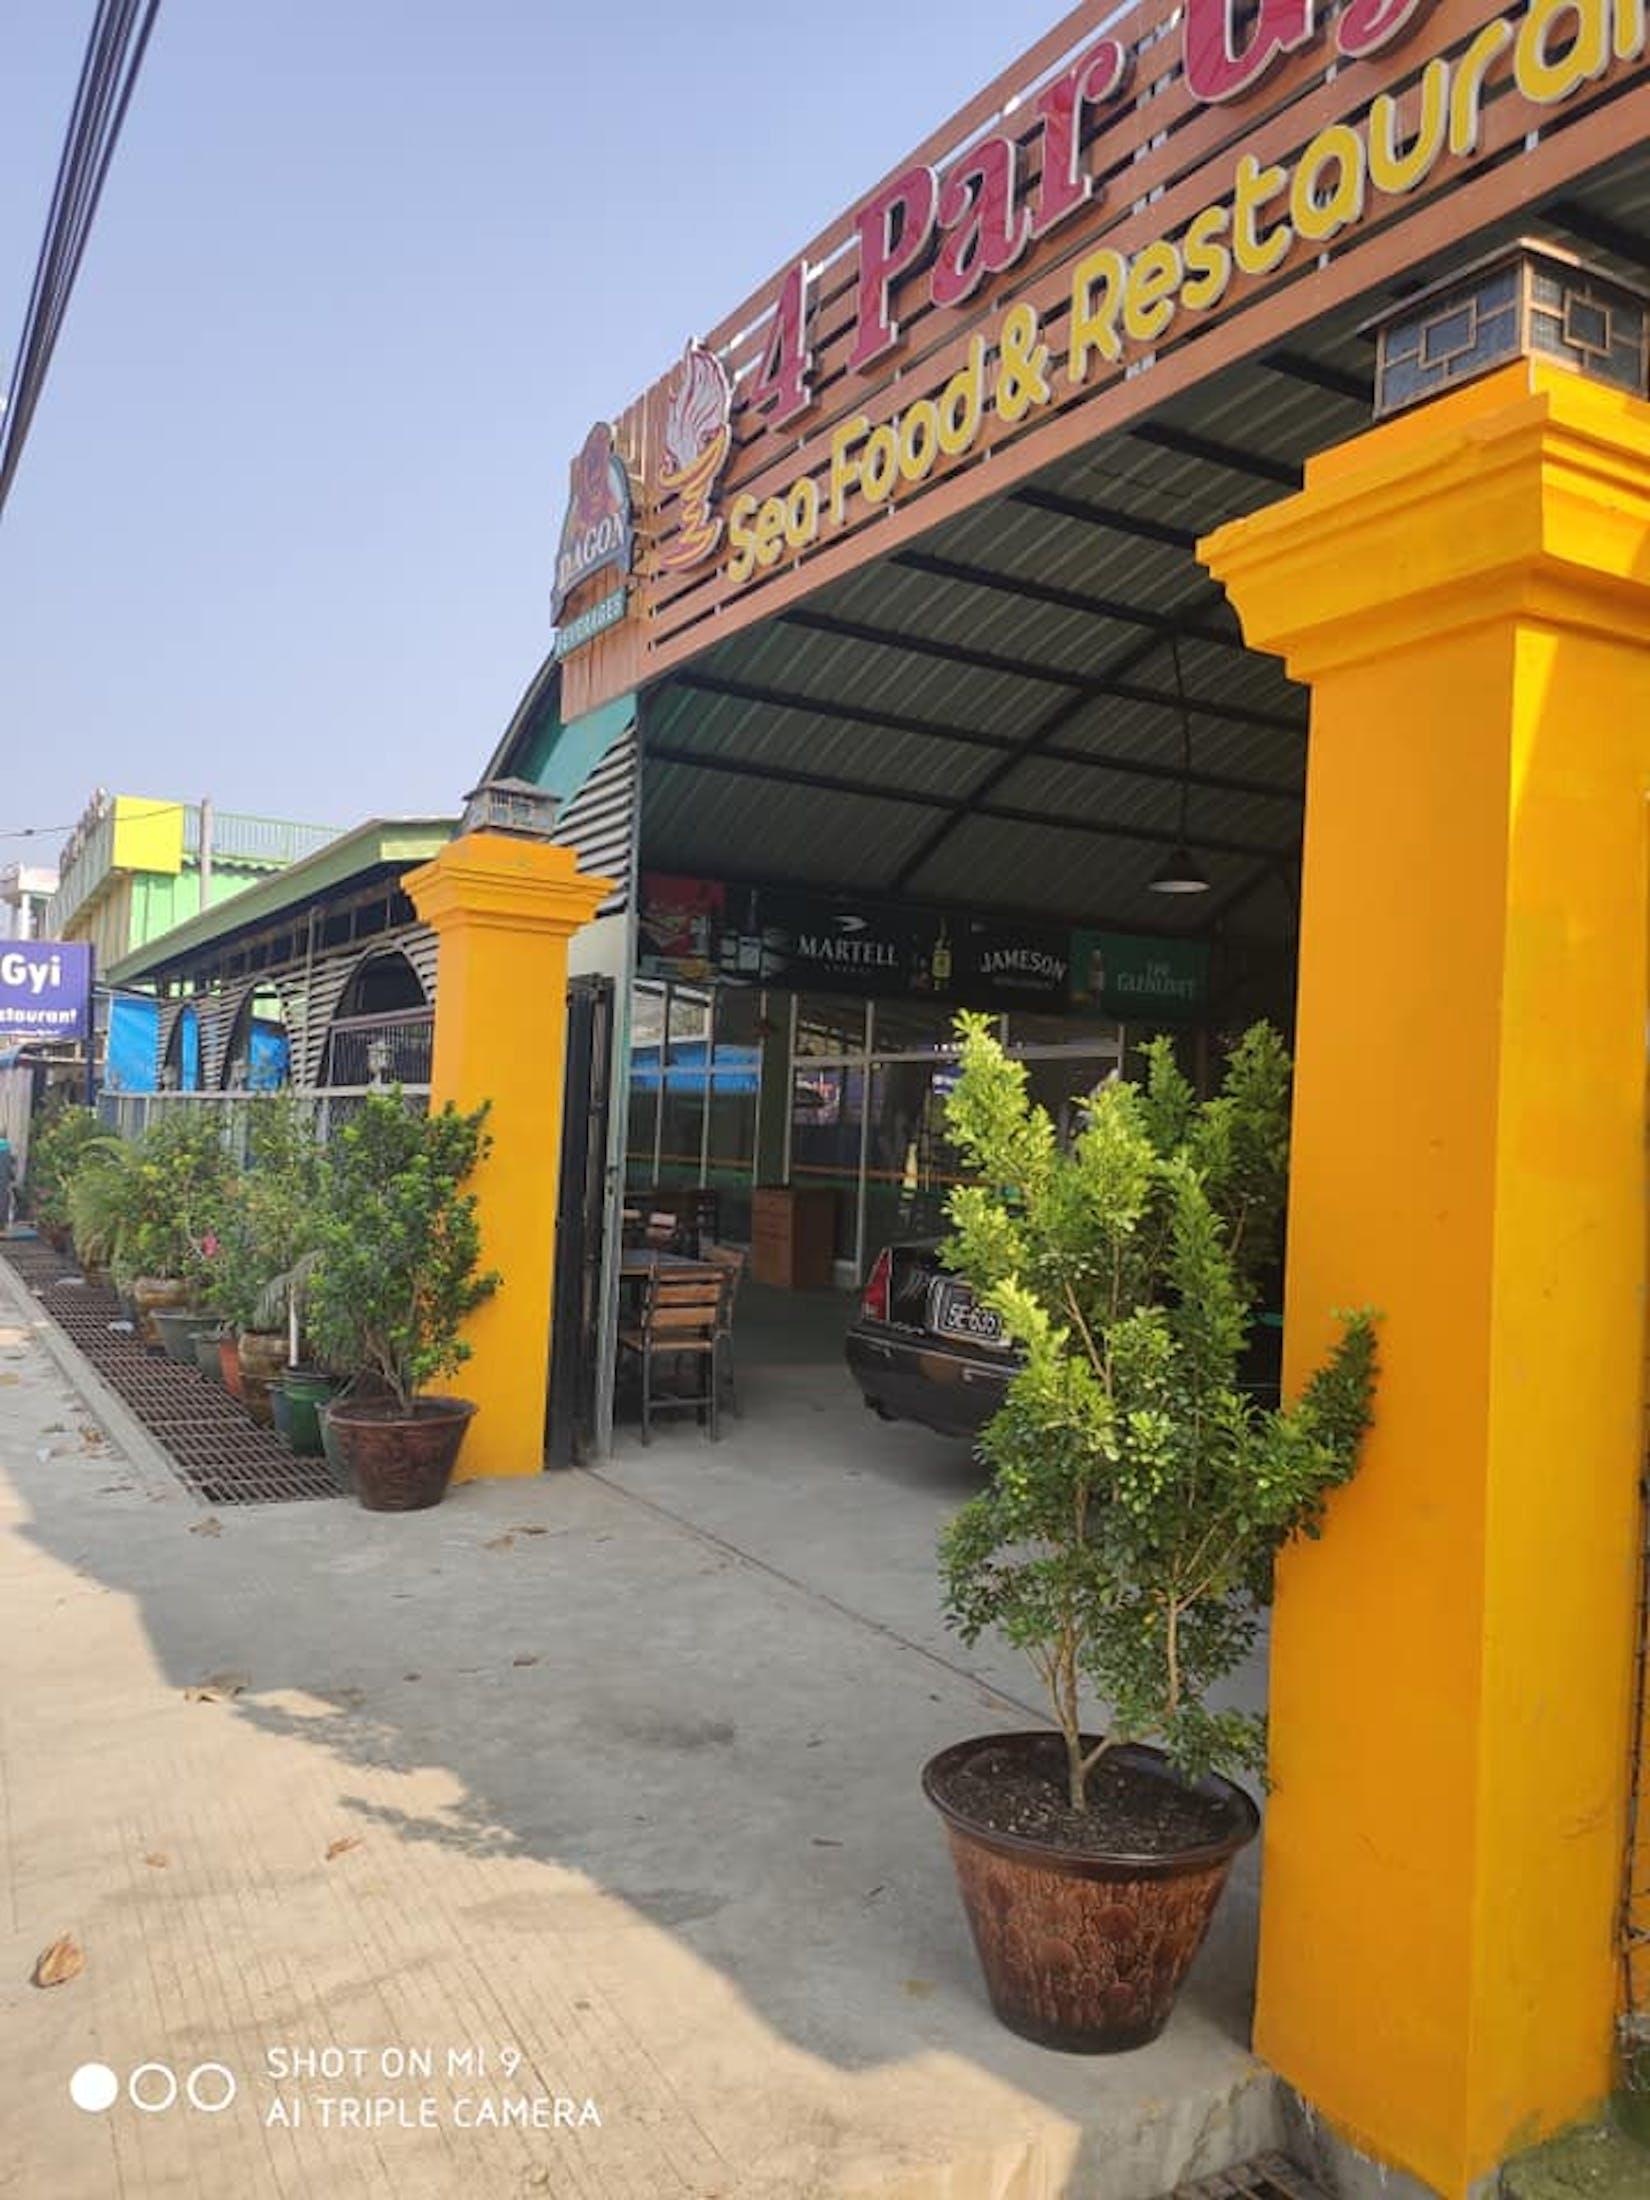 4 Par Gyi Seafood Restaurant | yathar